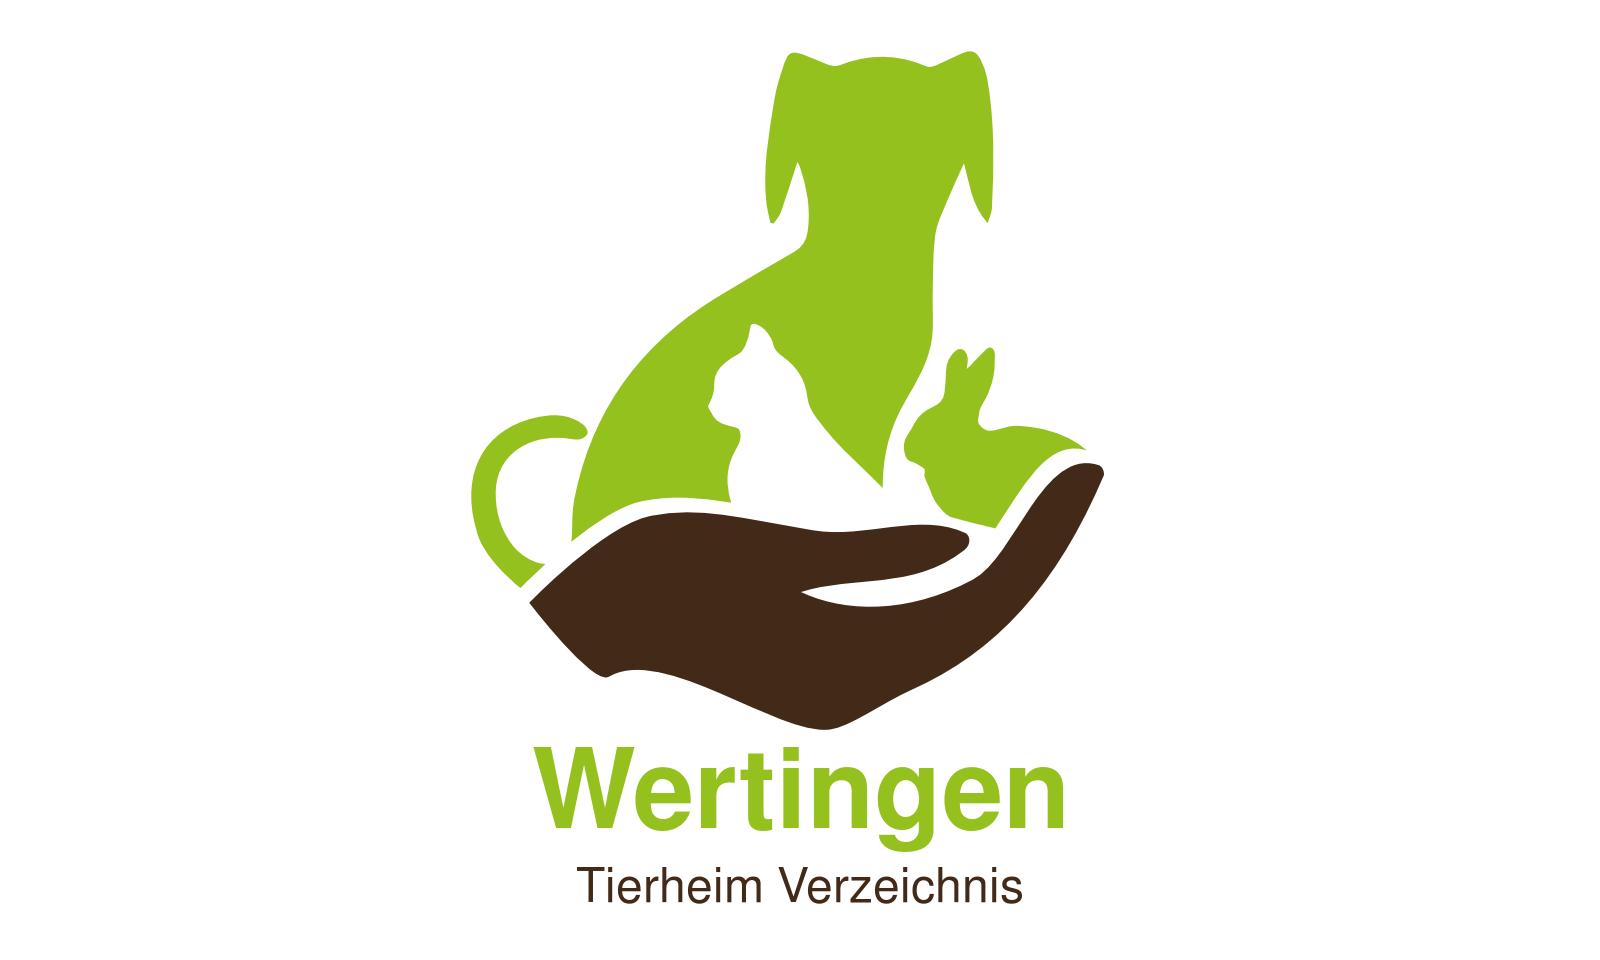 Tierheim Wertingen